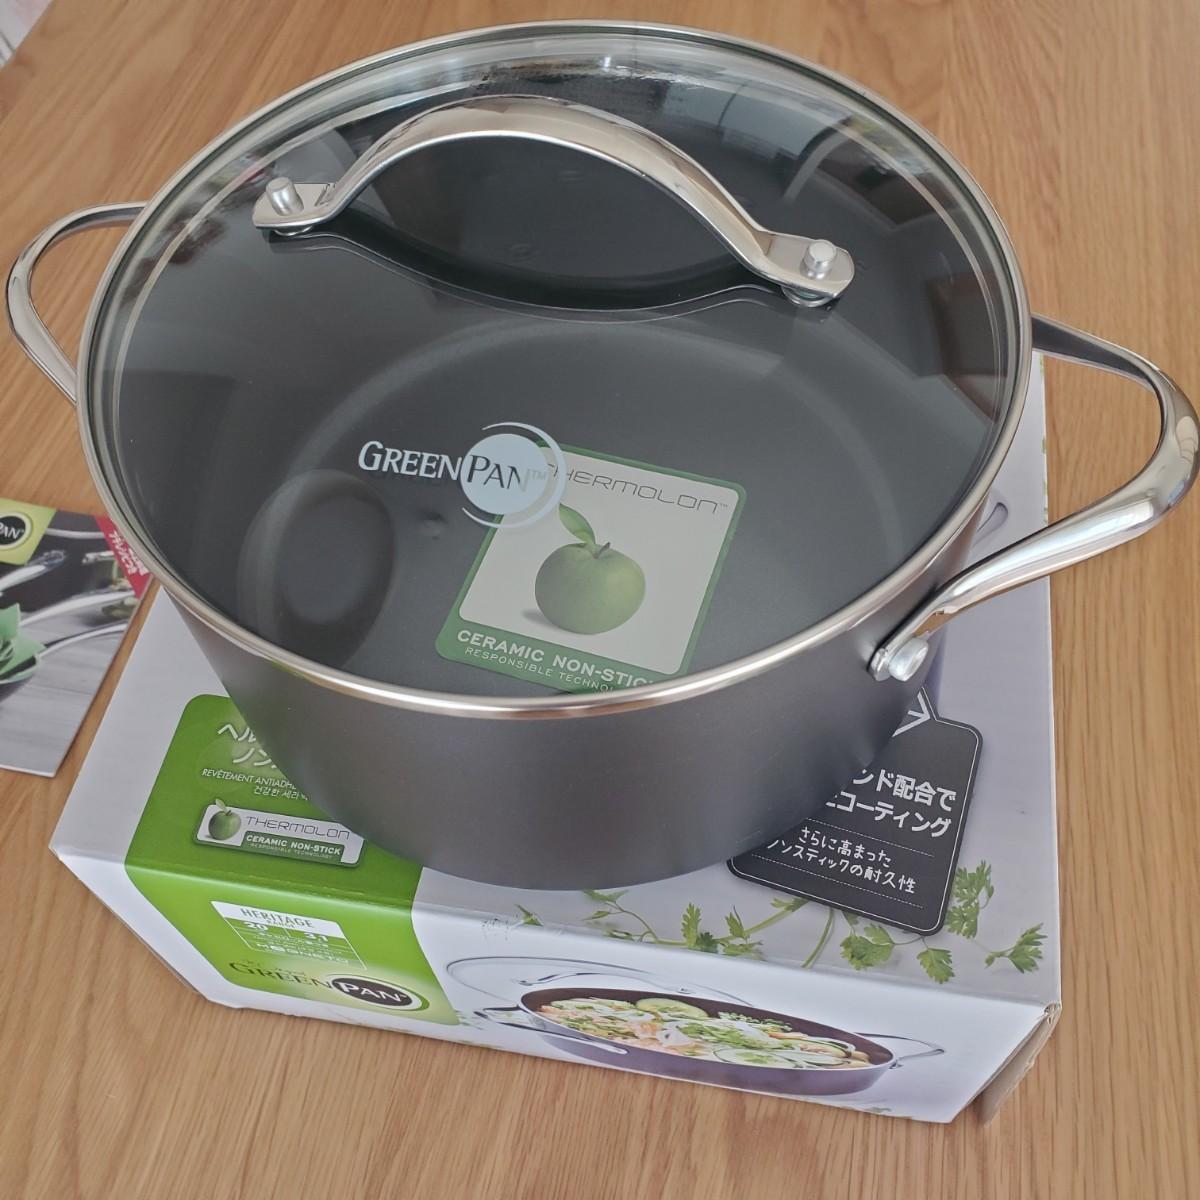 新品未使用 グリーンパン 両手鍋  IH対応 グリーンパン ティファール フライパン 皿